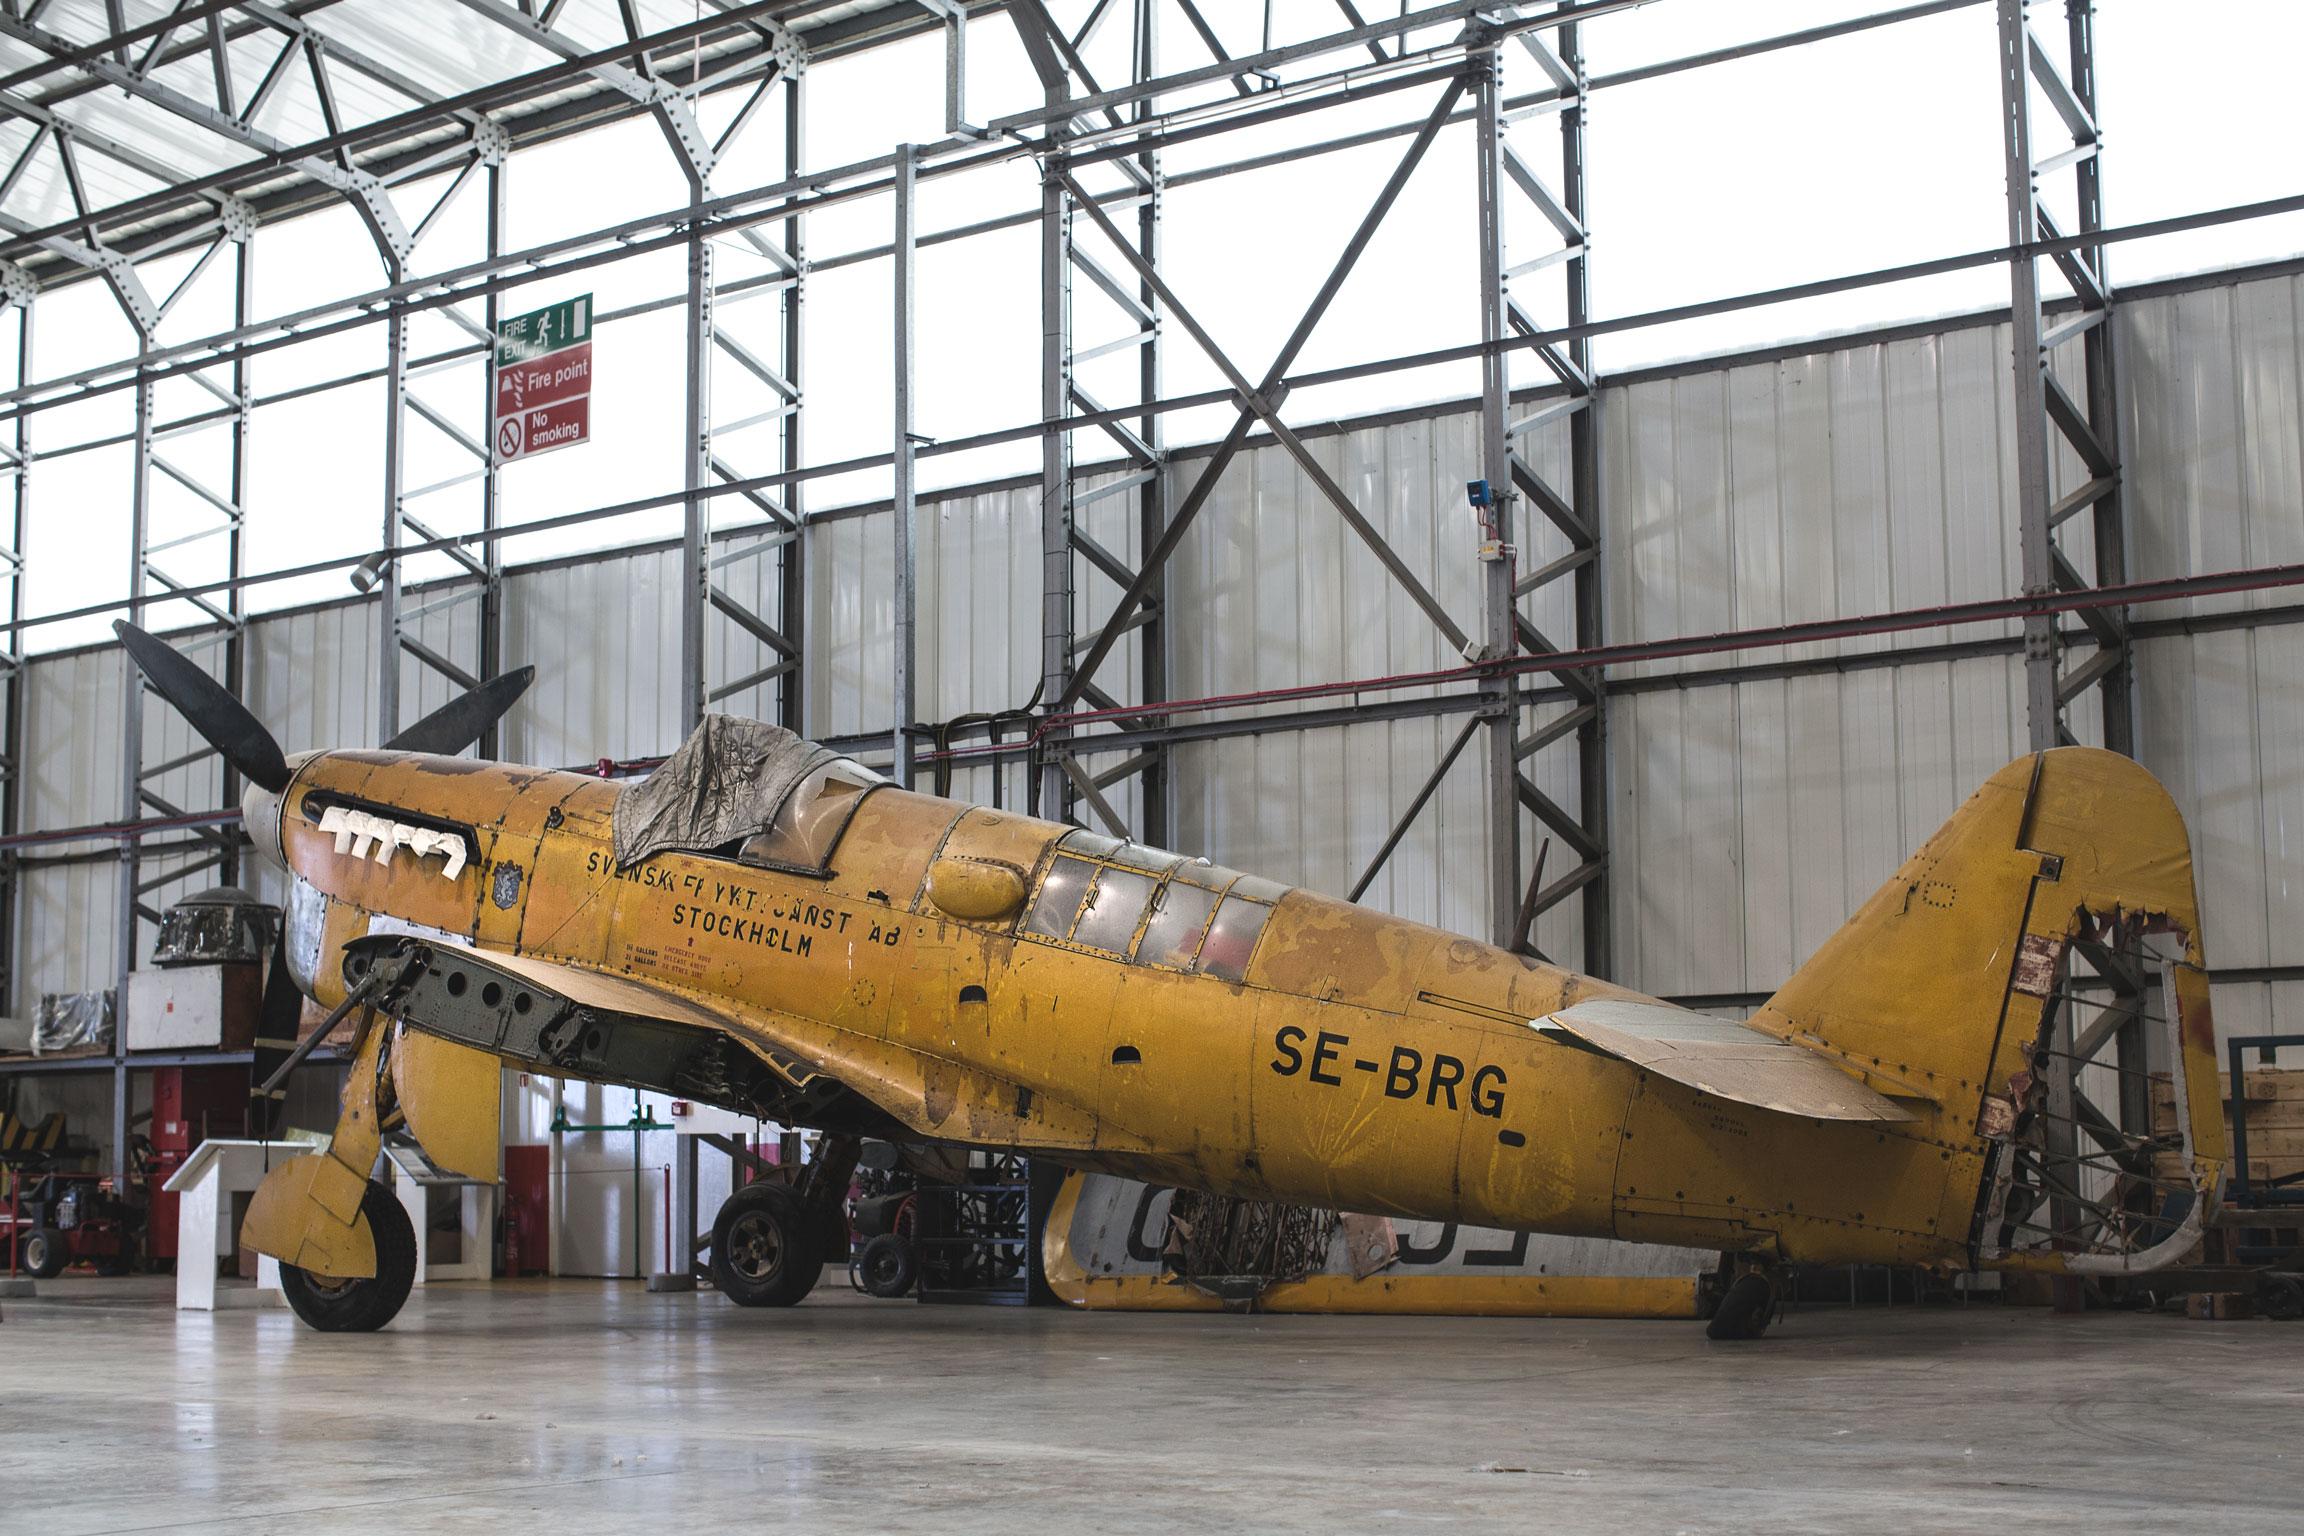 firefly-in-hanger